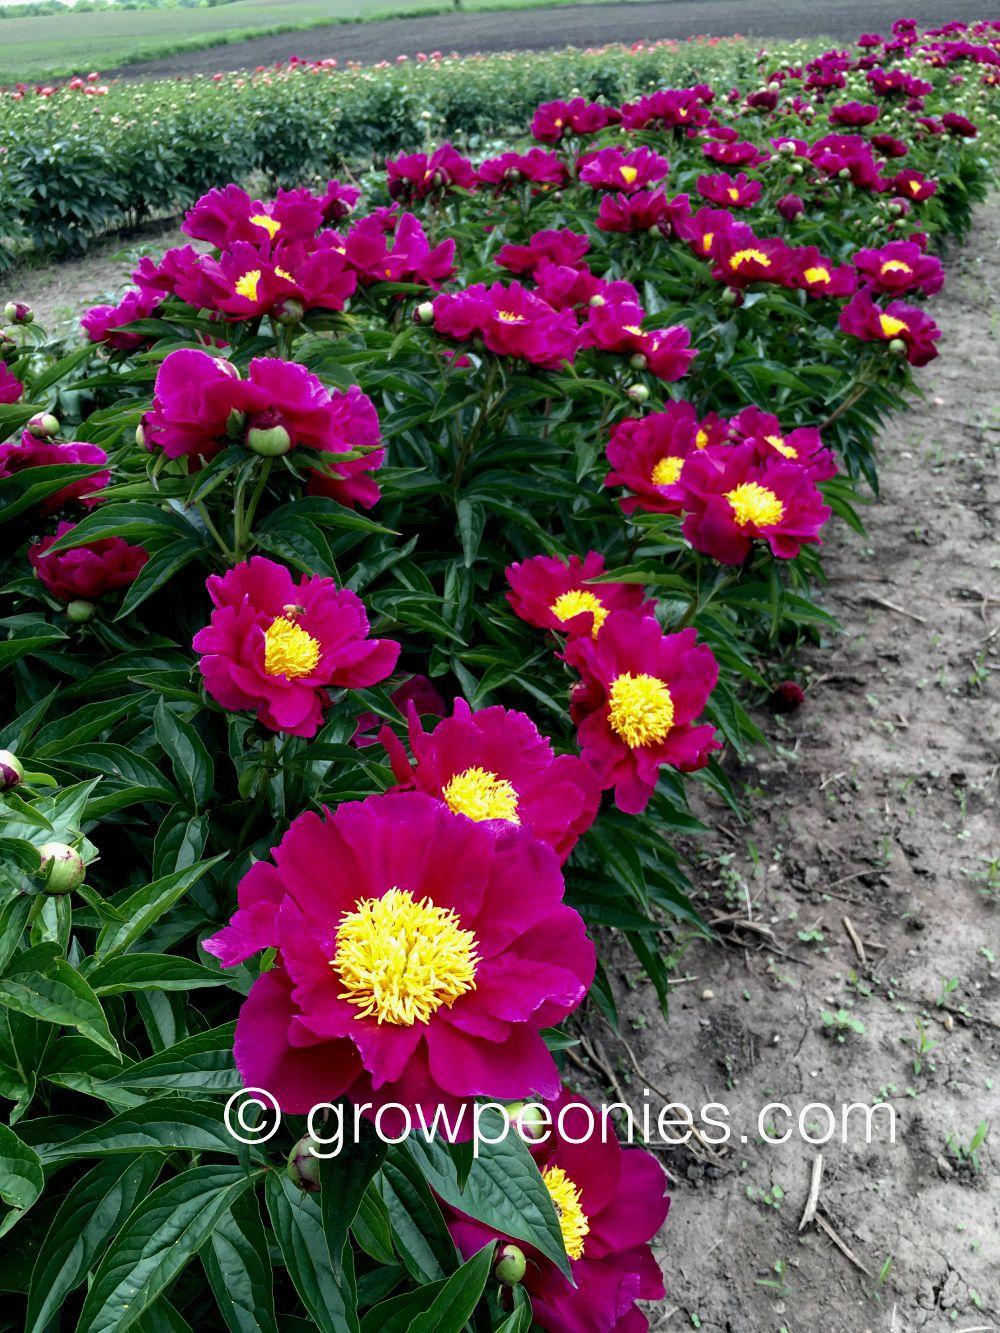 Seedling 2434 Peony Peonies Buy Peonies Bloom